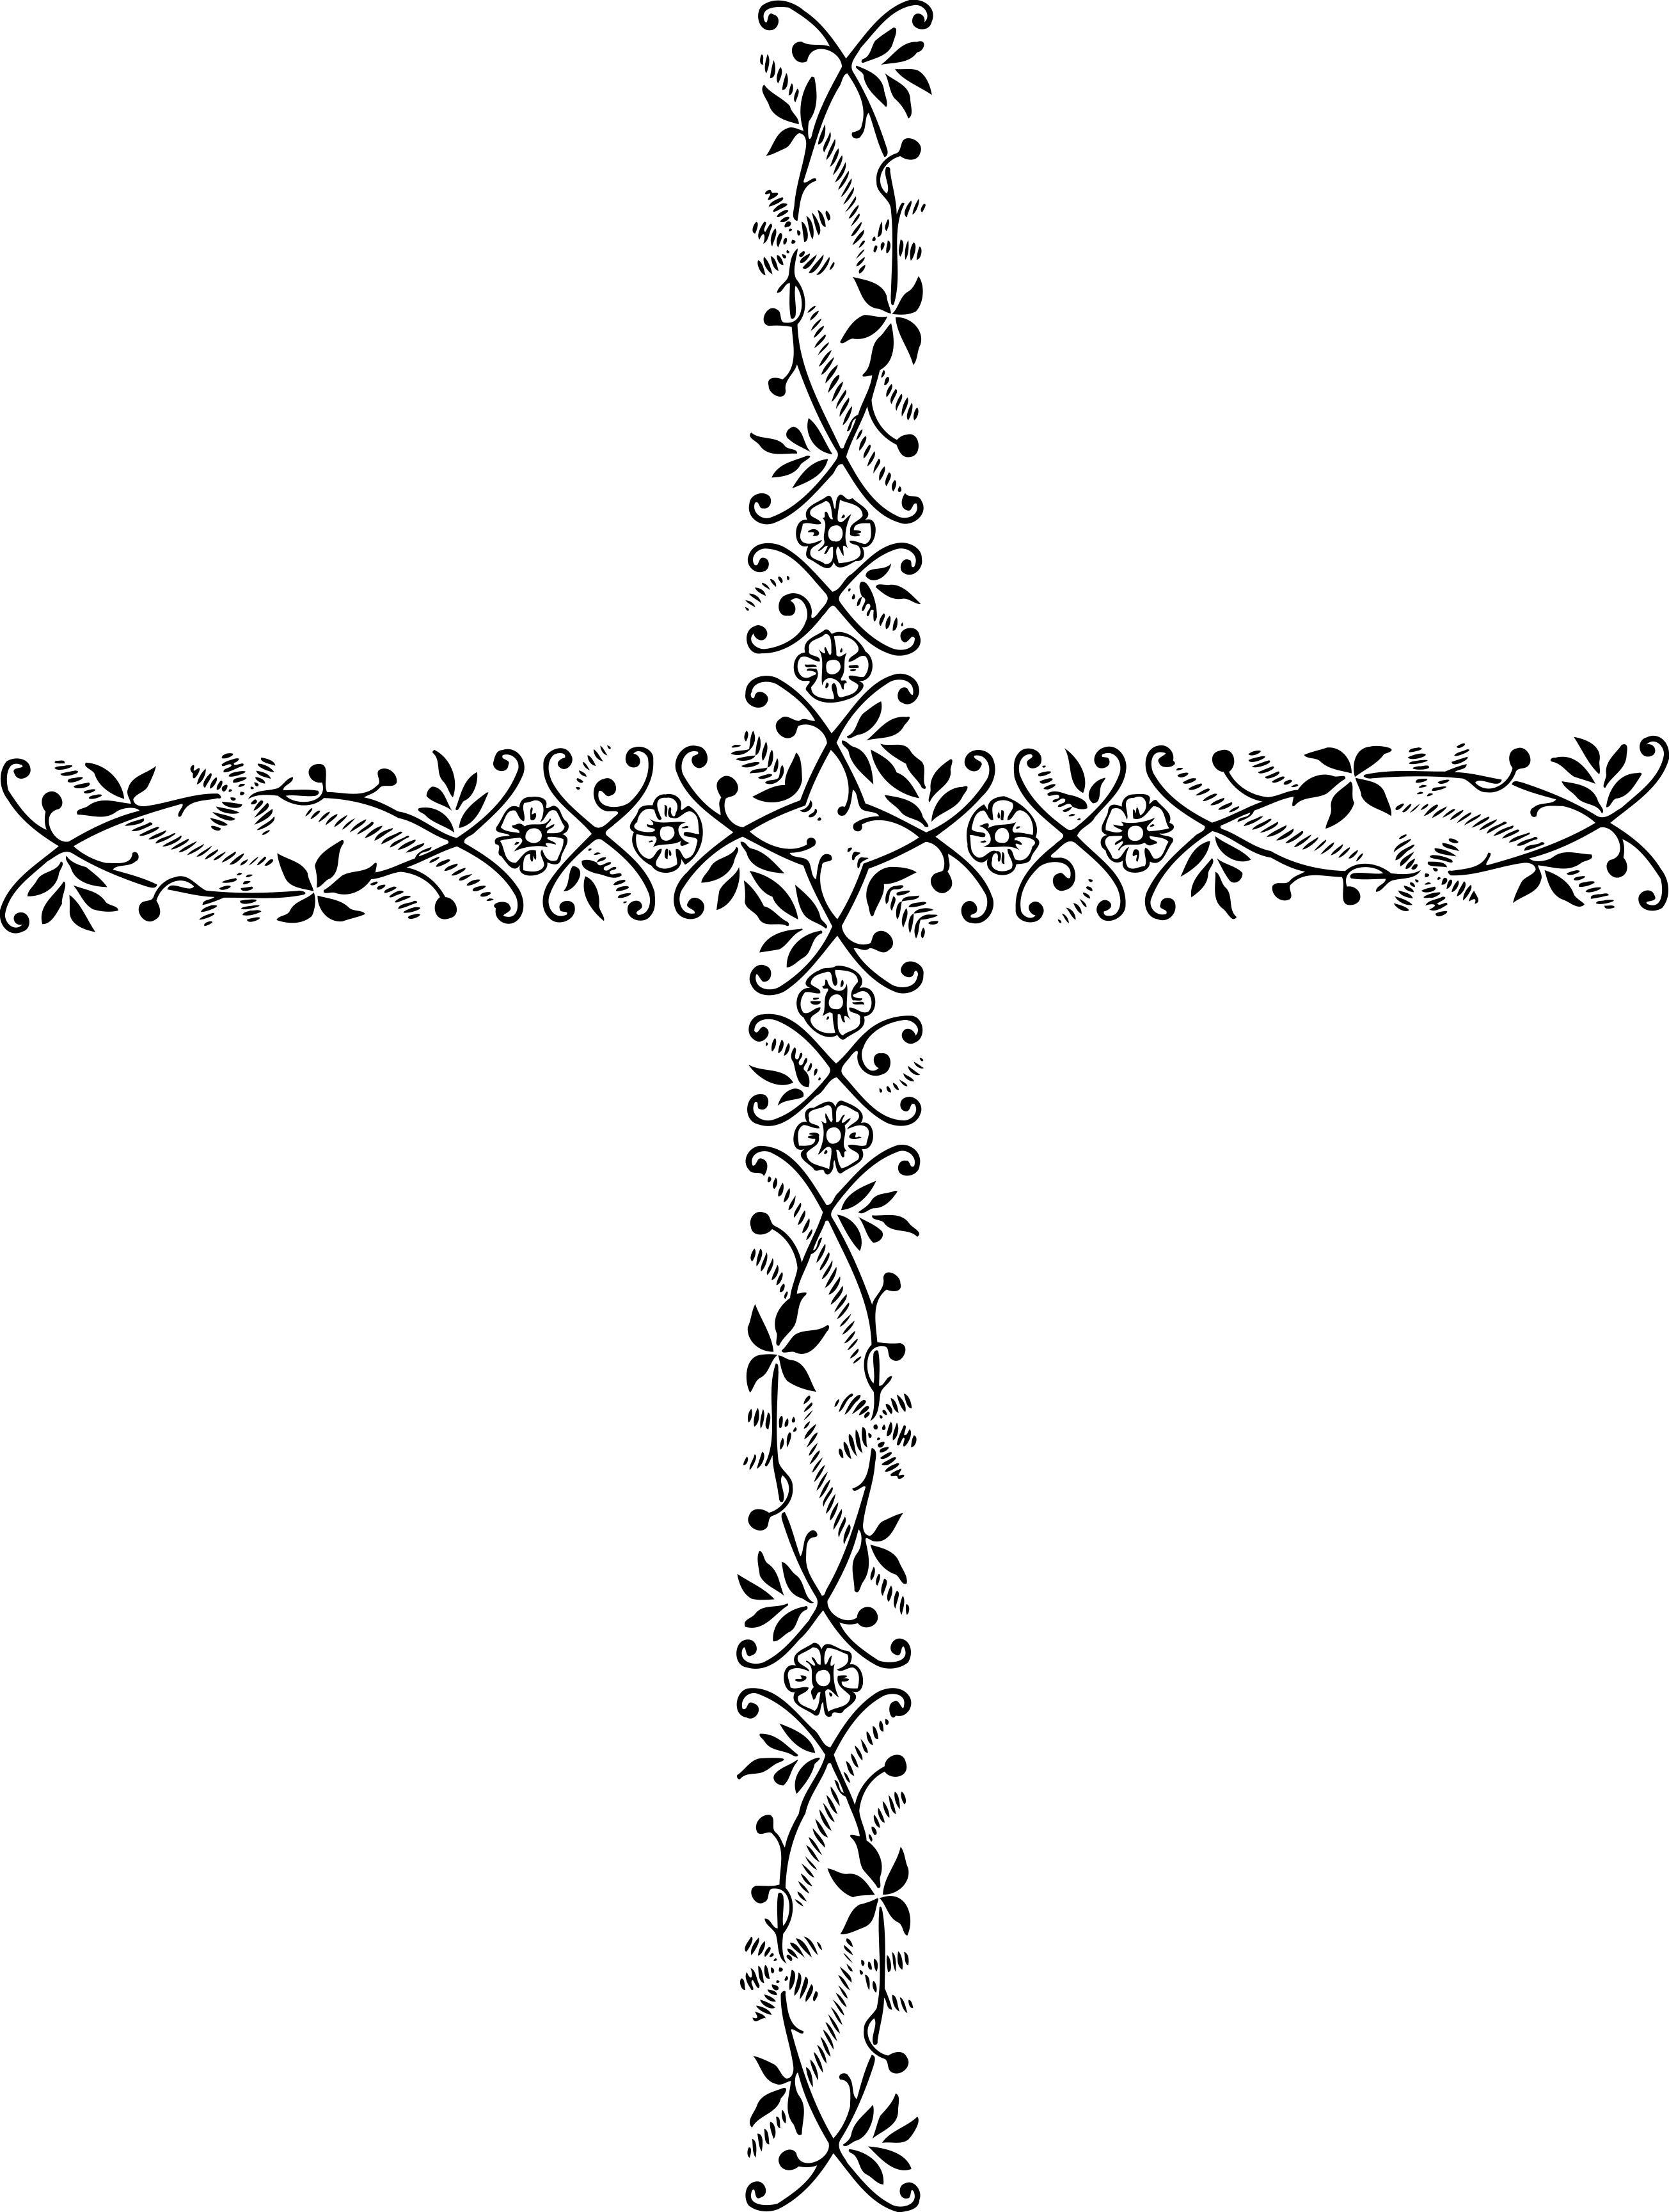 Button clipart ornamental. Cross design droide